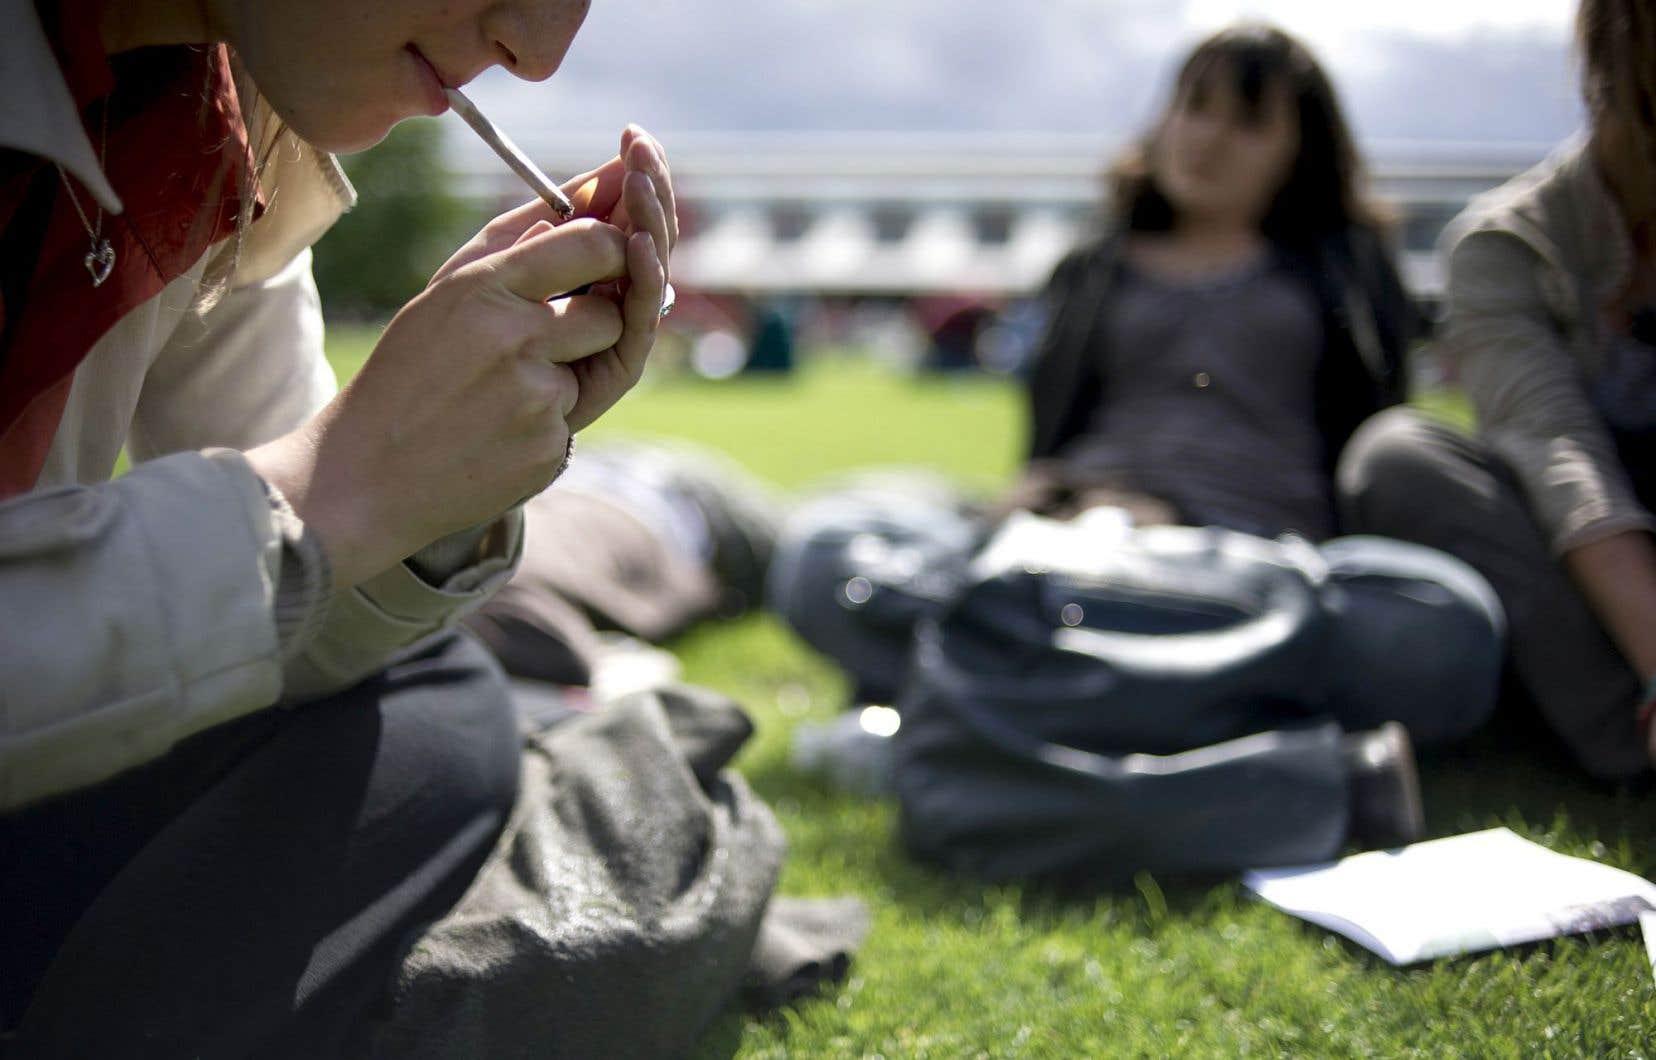 Ici comme en Europe de l'Ouest ou chez nos voisins du Sud, la consommation de drogues connaît une baisse.